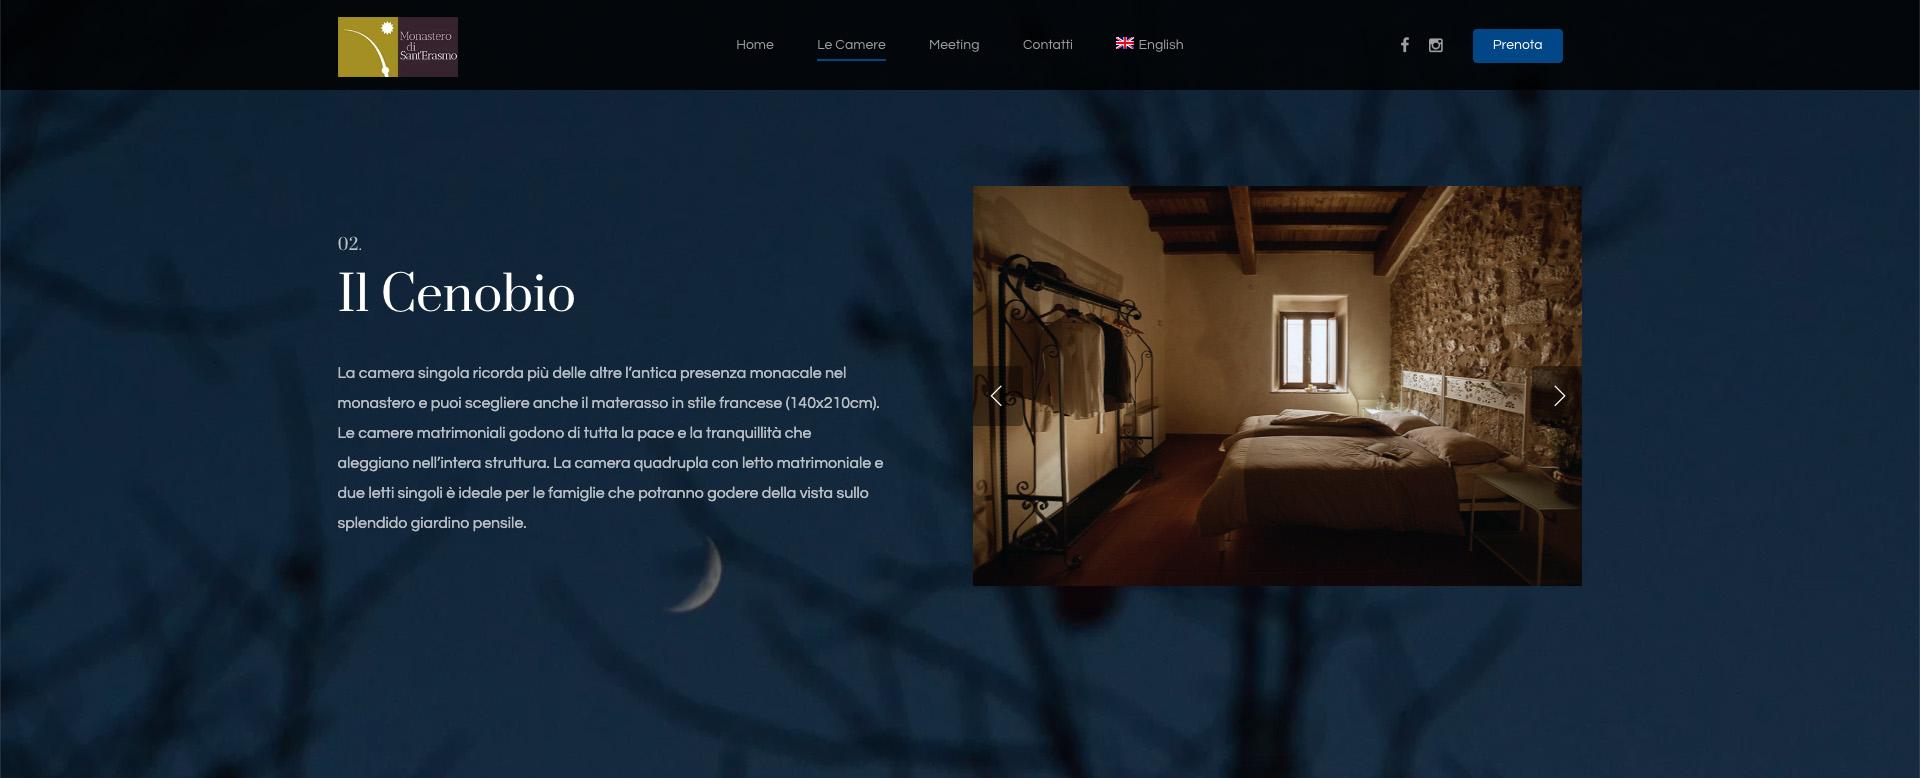 Giorgi Design Studio - Monastero San Erasmo - Web Design - Il Cenobio